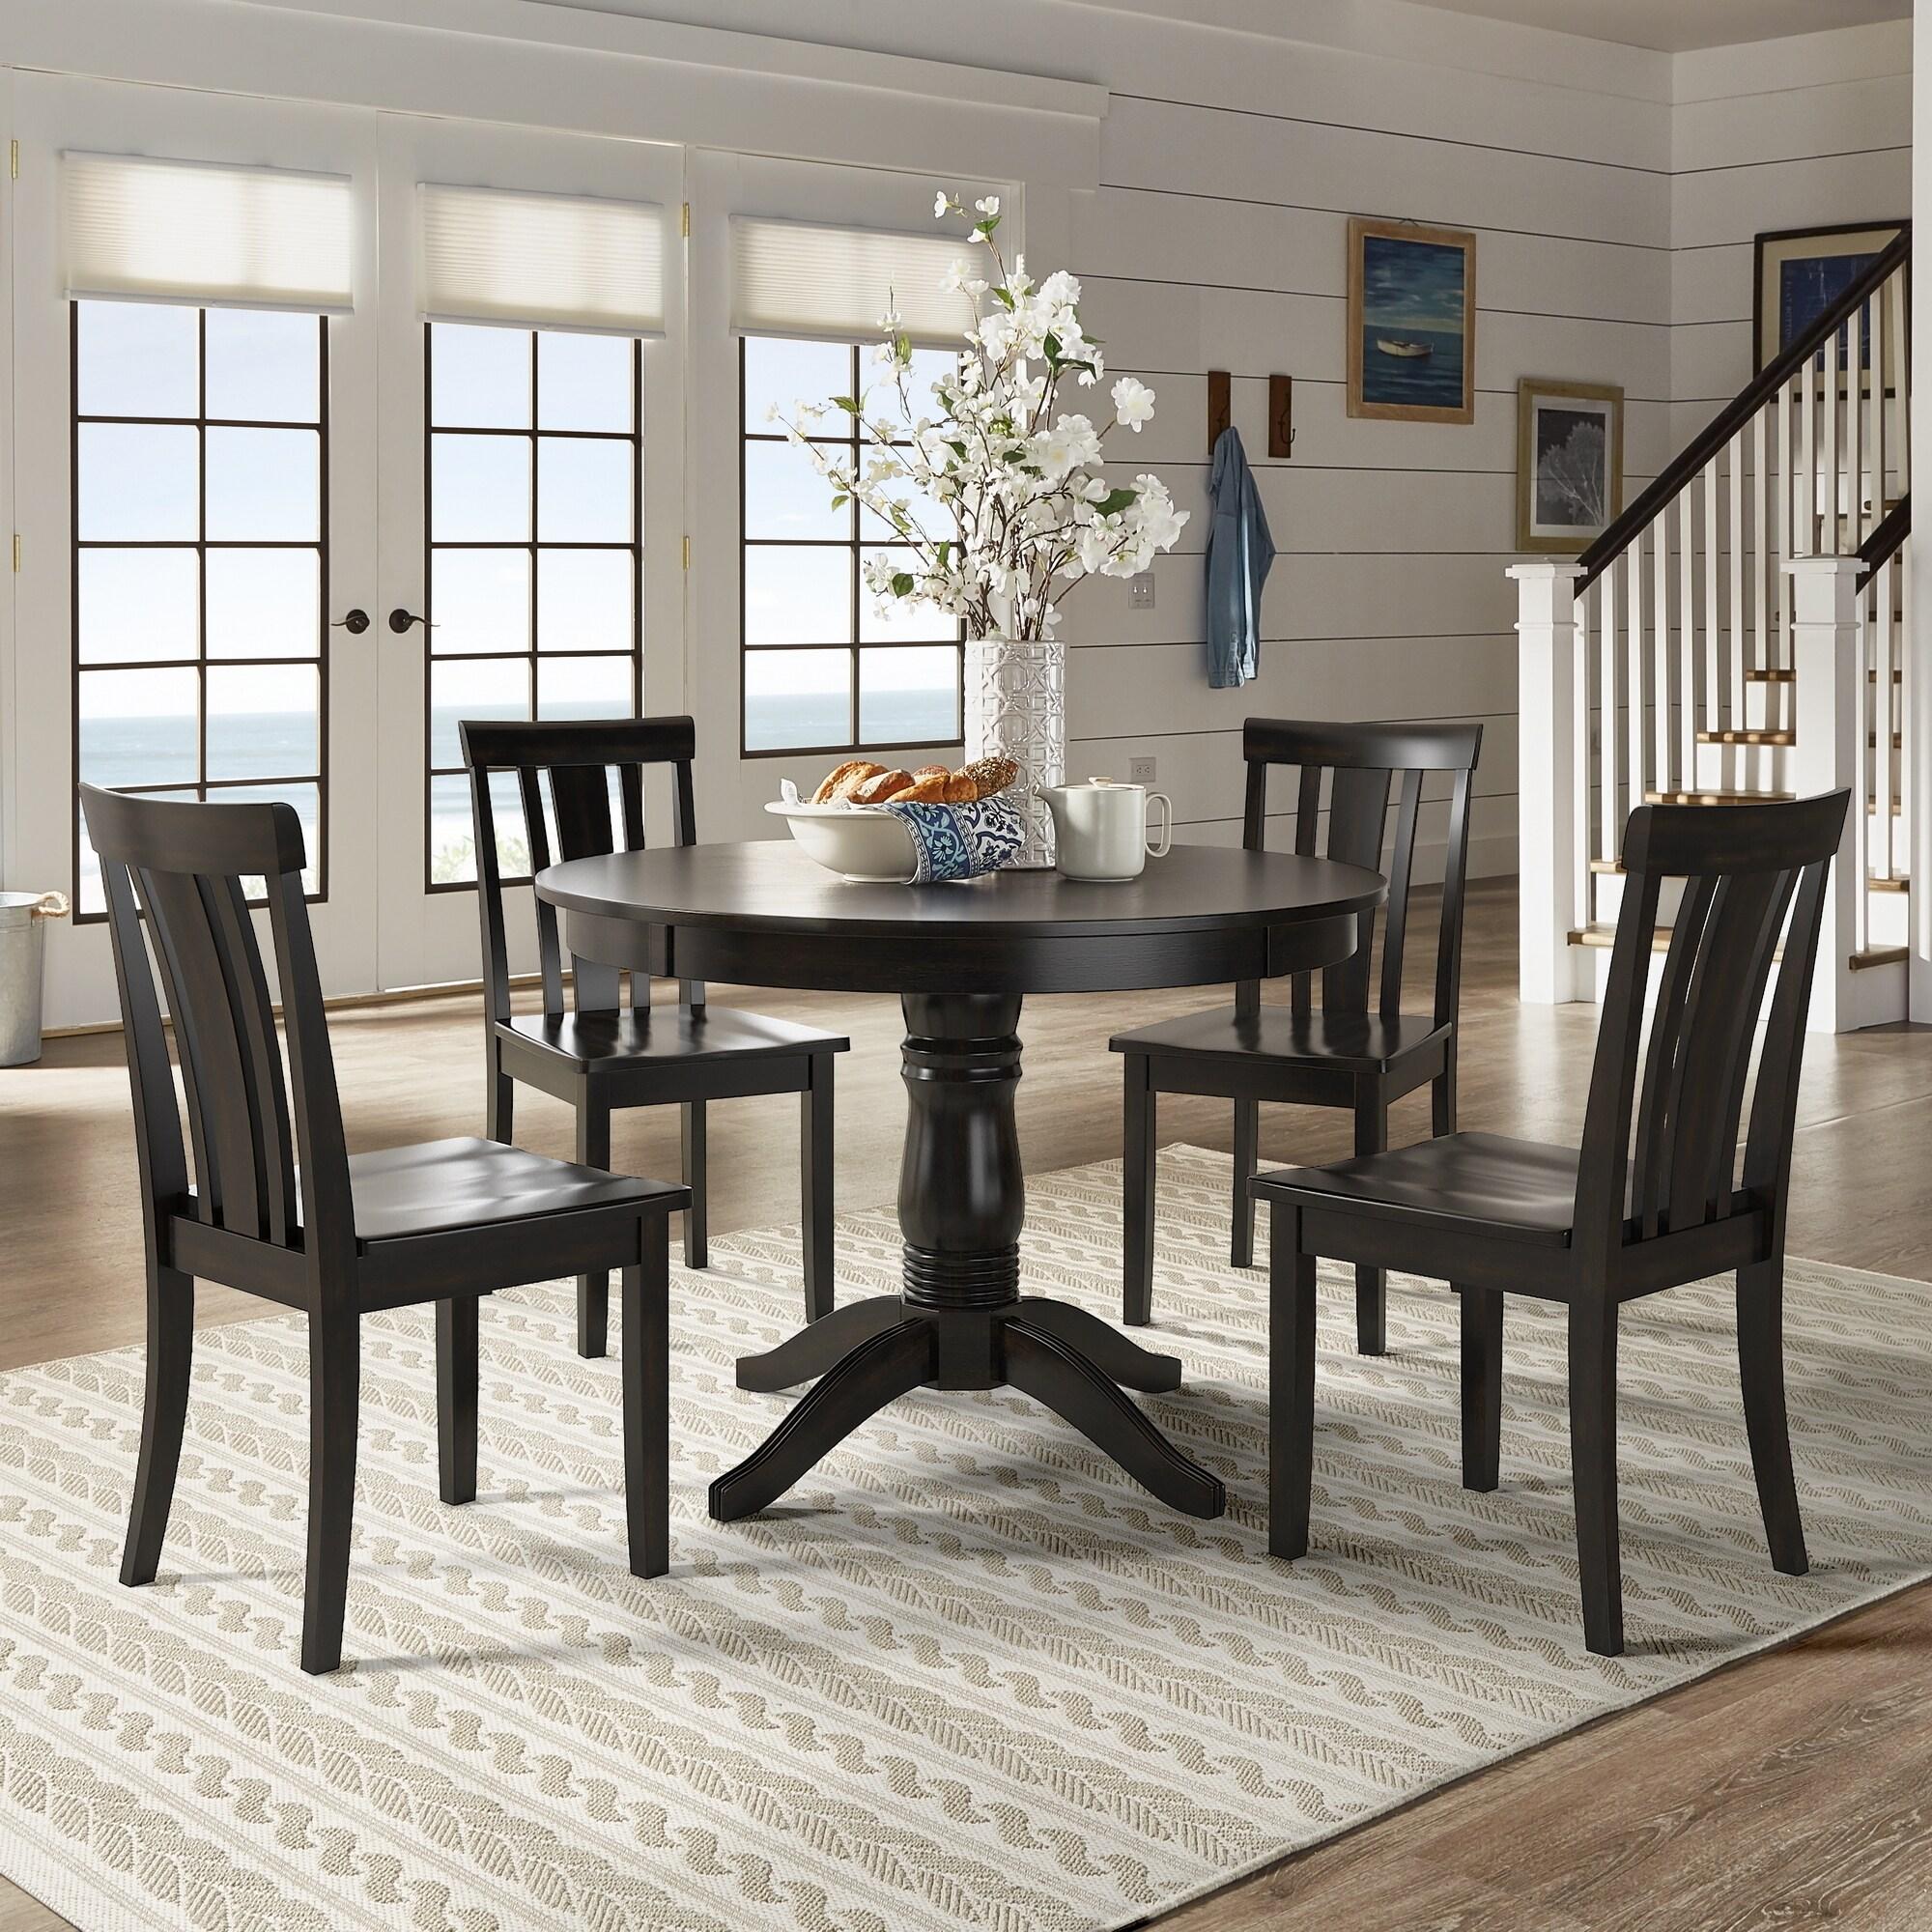 Black Round Dining Set: Wilmington II Round Pedestal Base Antique Black 5-Piece